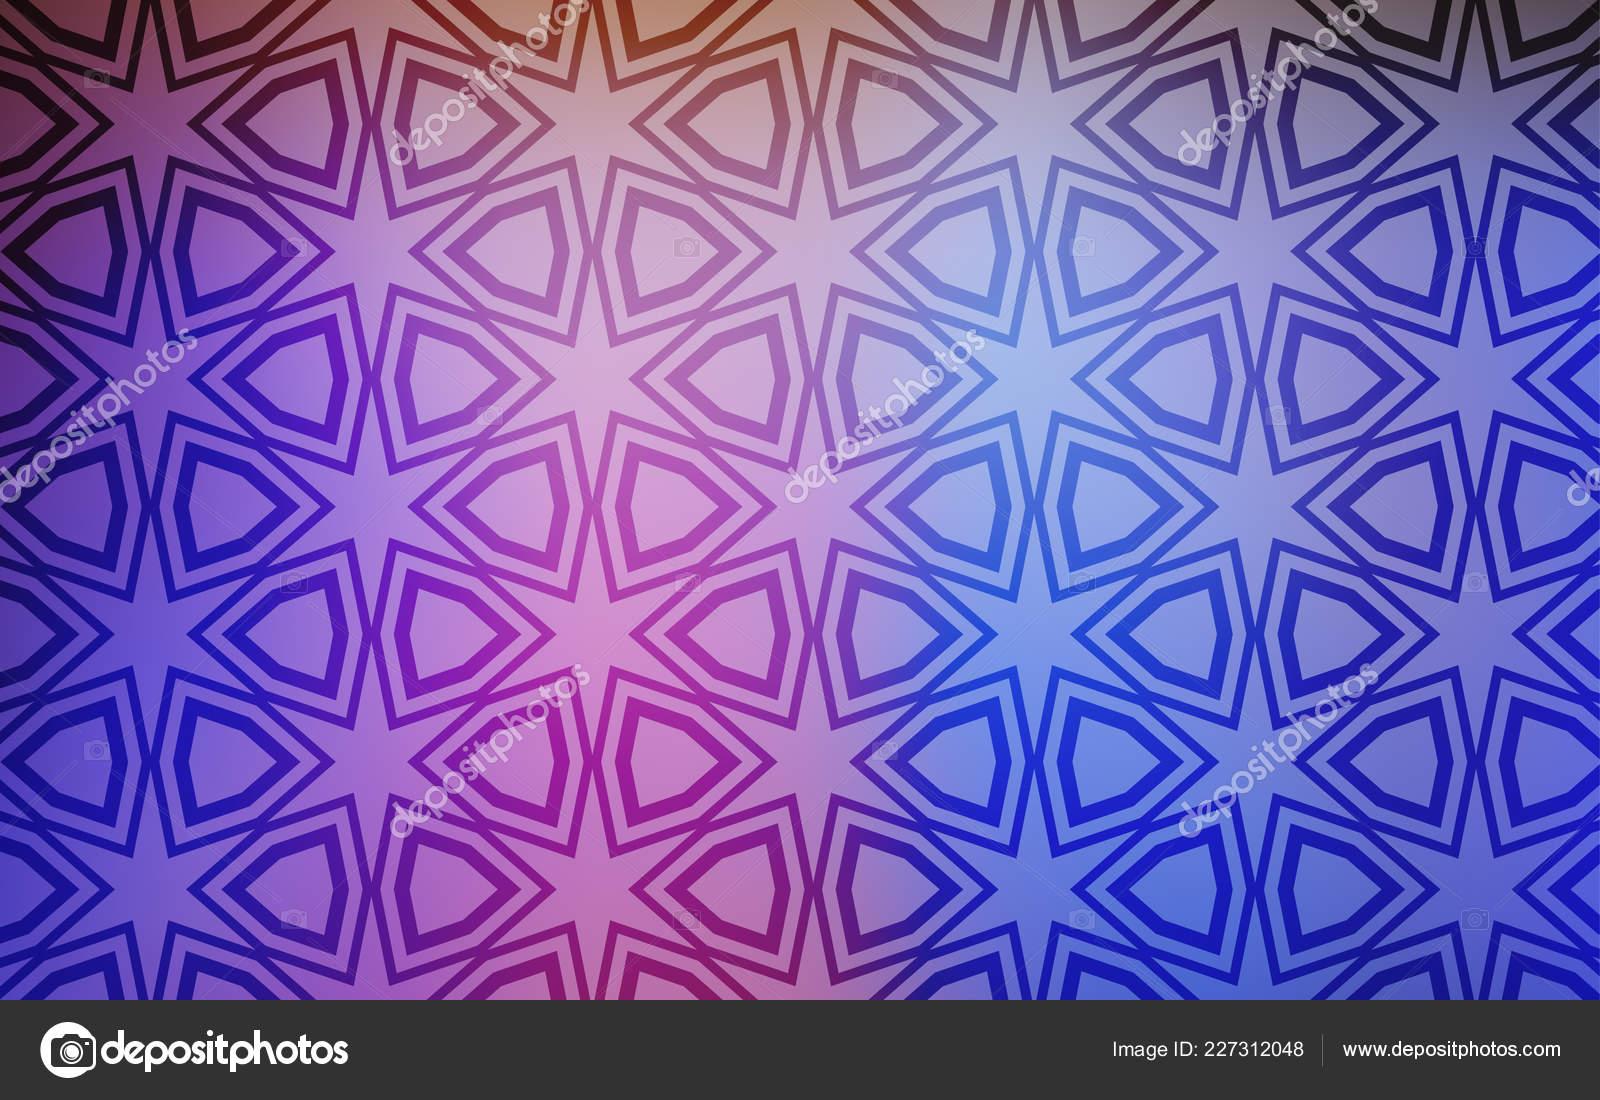 Cubierta Luz Multicolor Vector Con Estrellas Pequeñas Grandes Dibujo